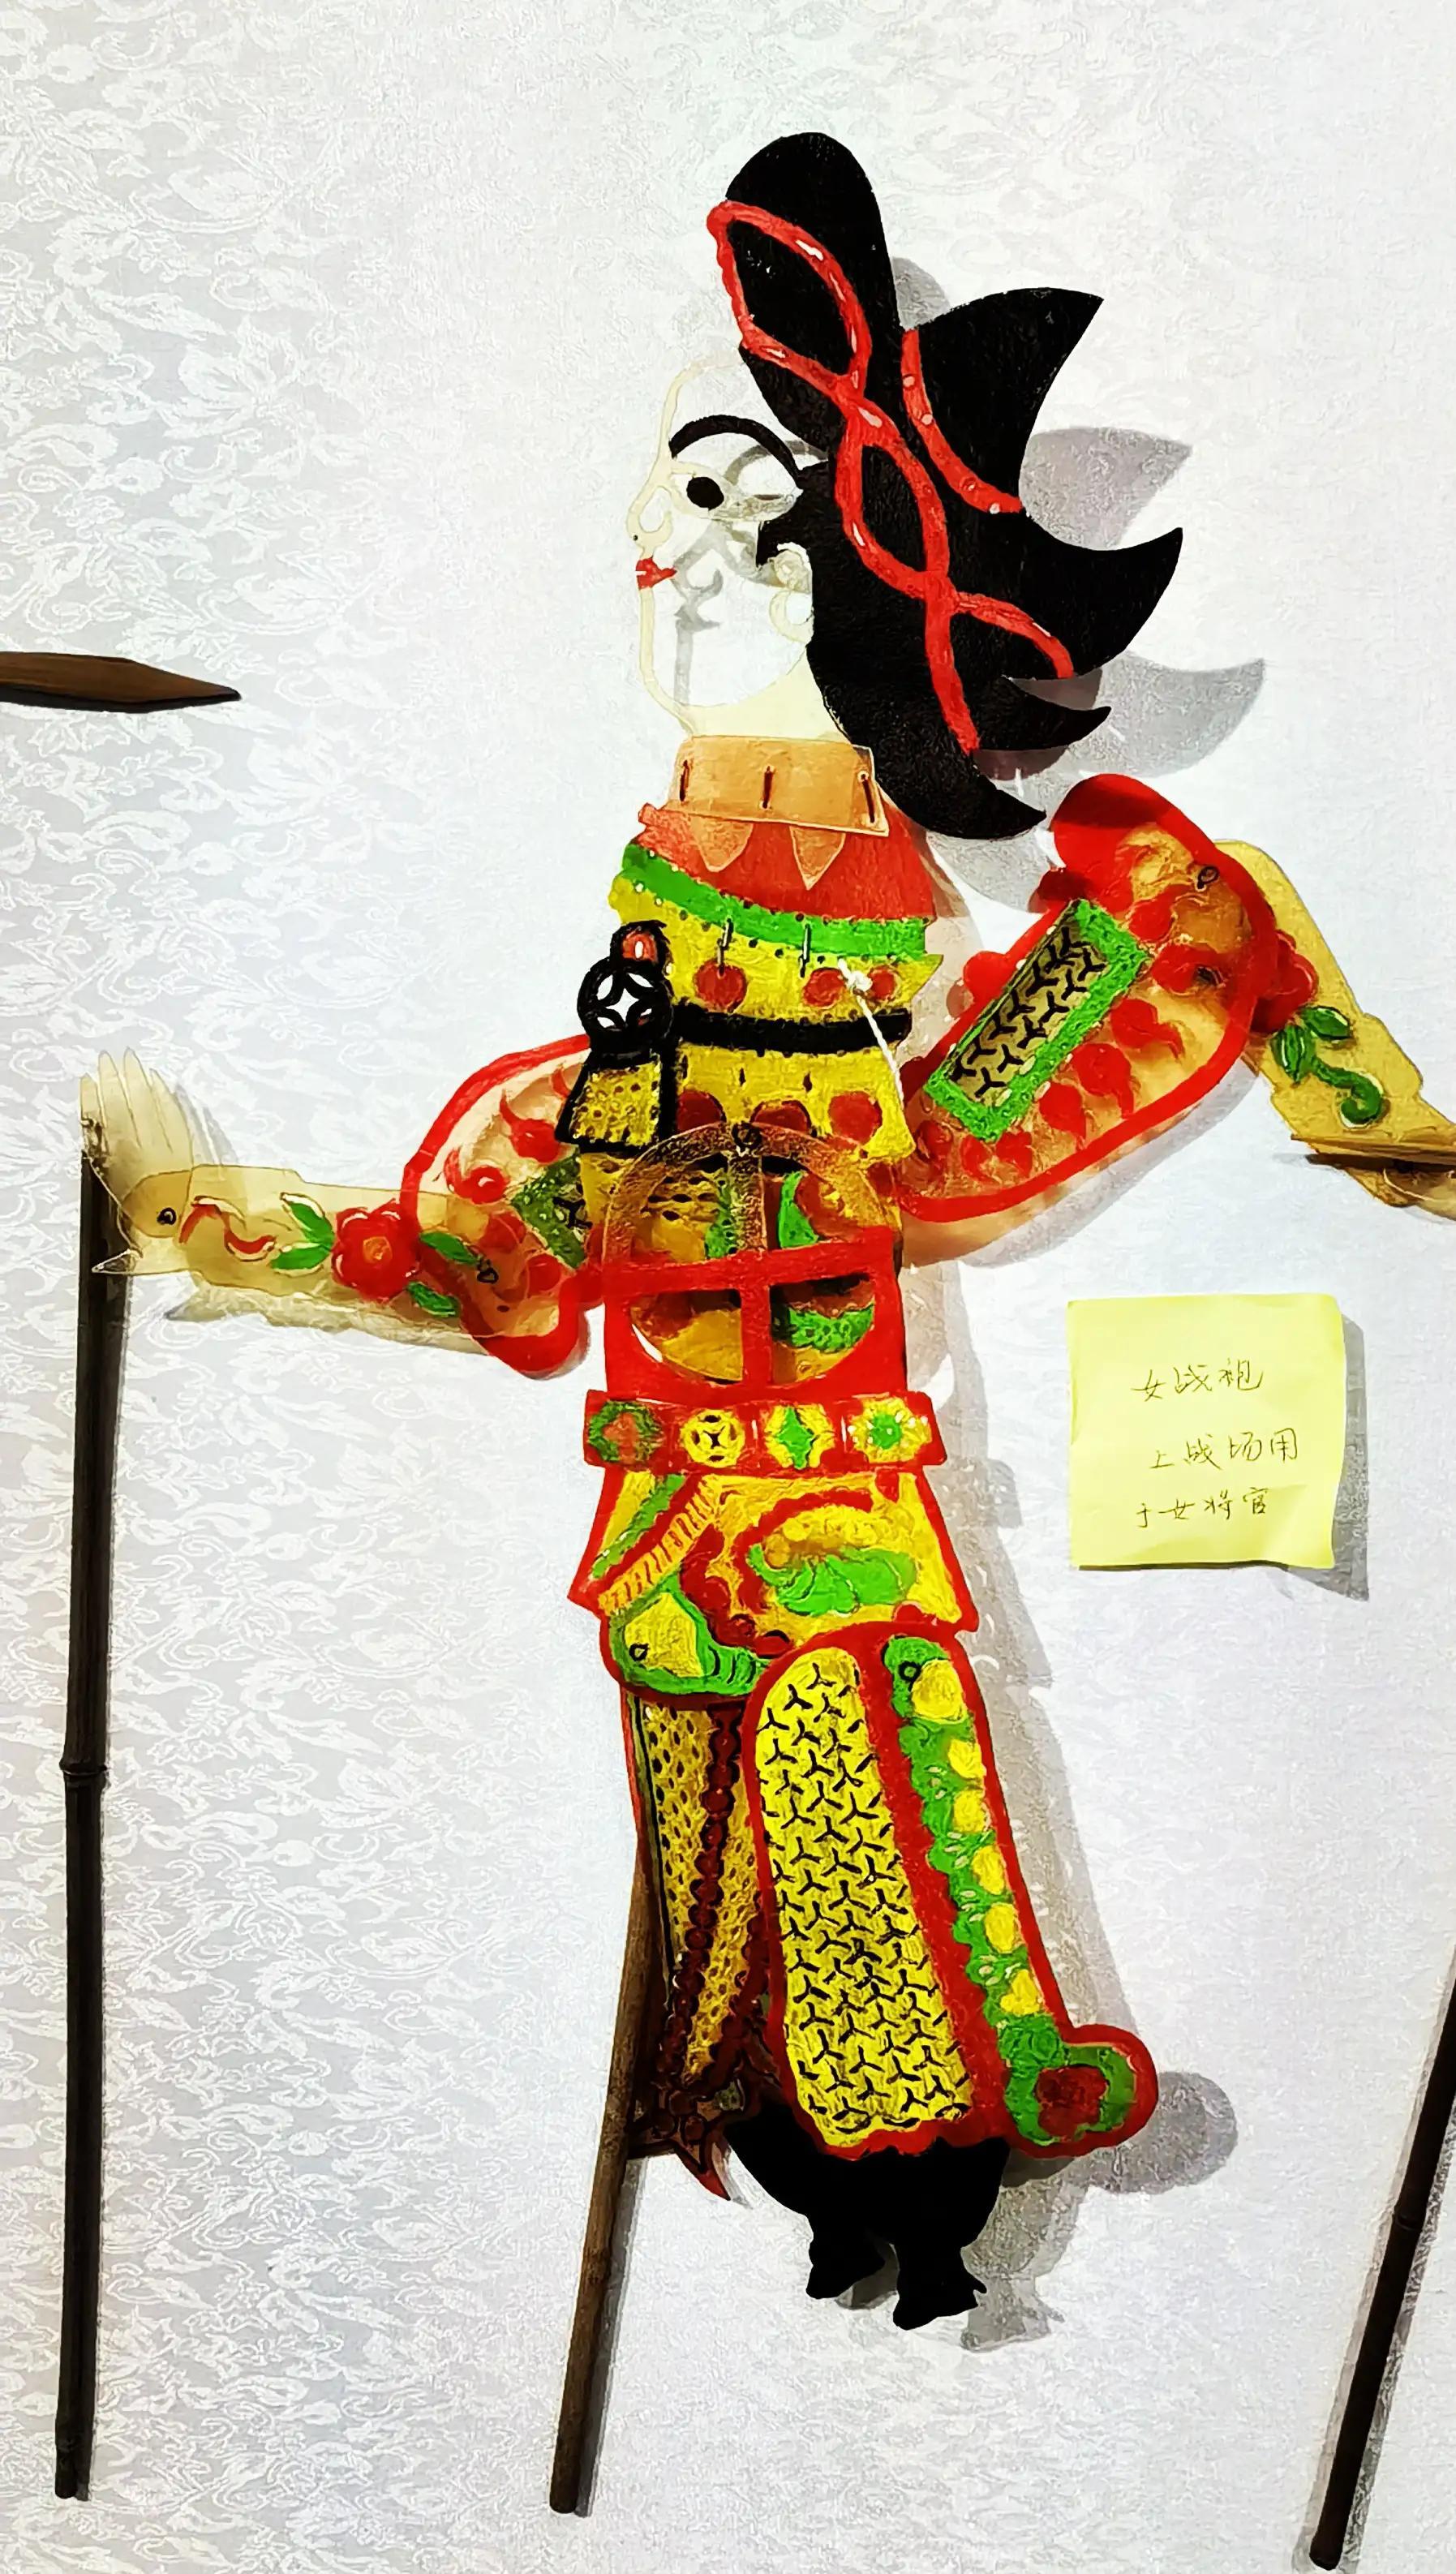 湖北宜昌:民间传家宝9月28日亮相城区,精巧工艺美术亮眼球